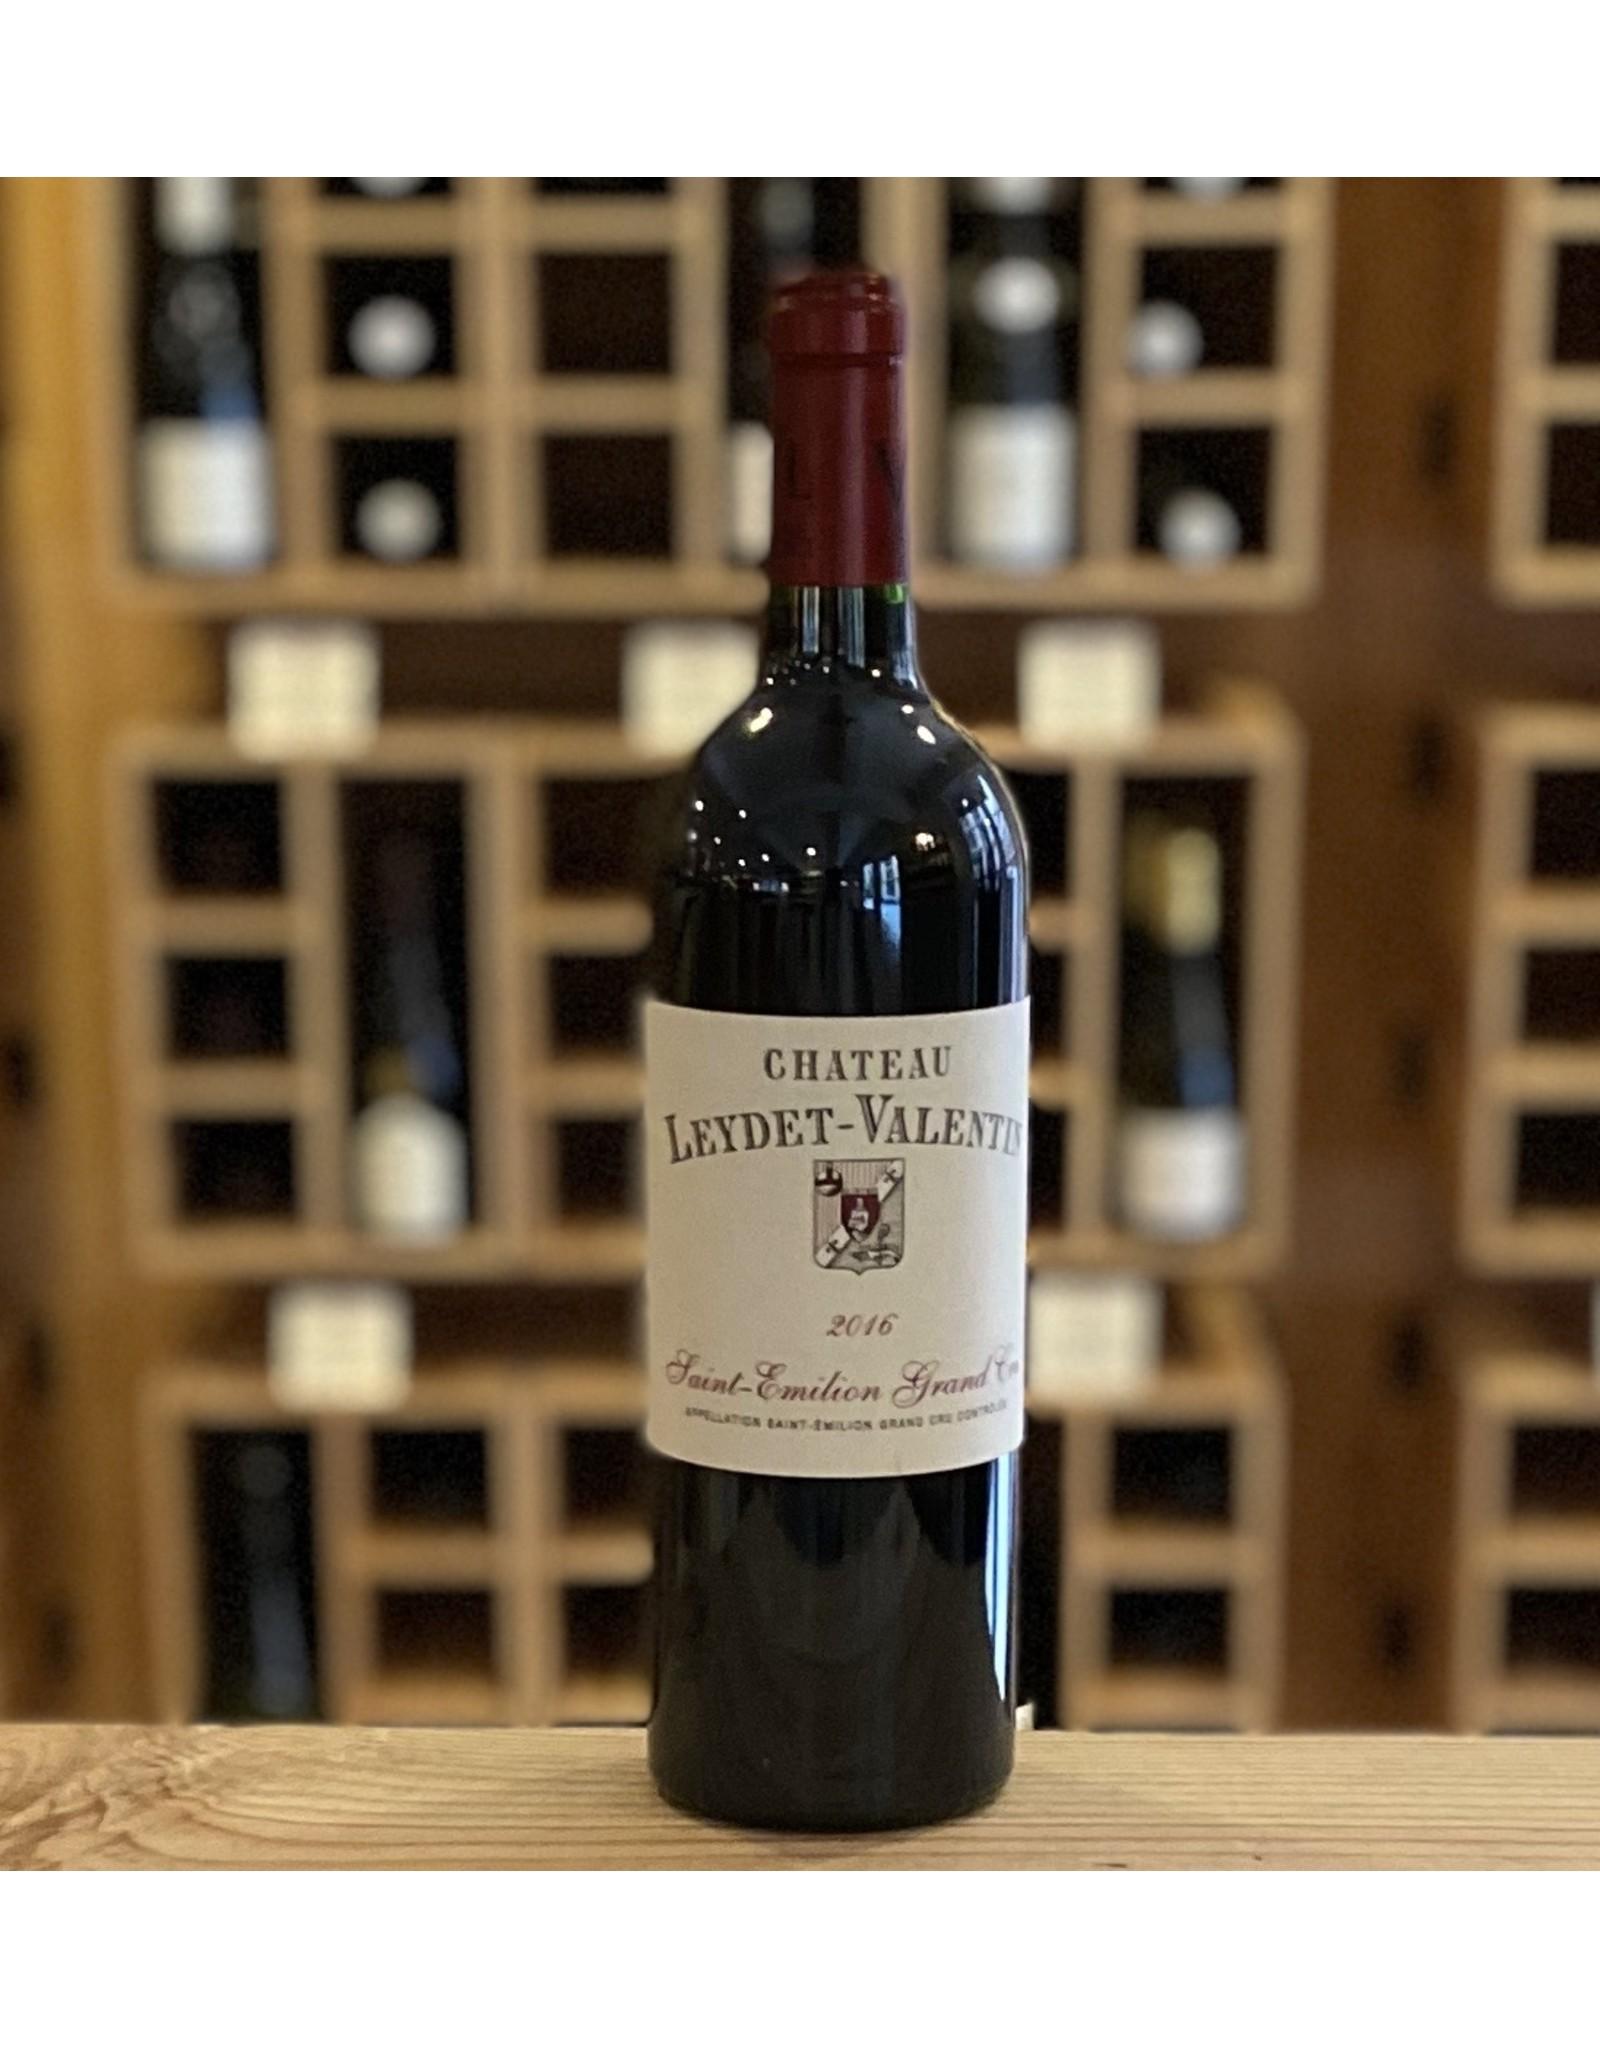 Bordeaux Chateau Leydet-Valentin Saint Emilion Grand Cru 2016 - Bordeaux, France